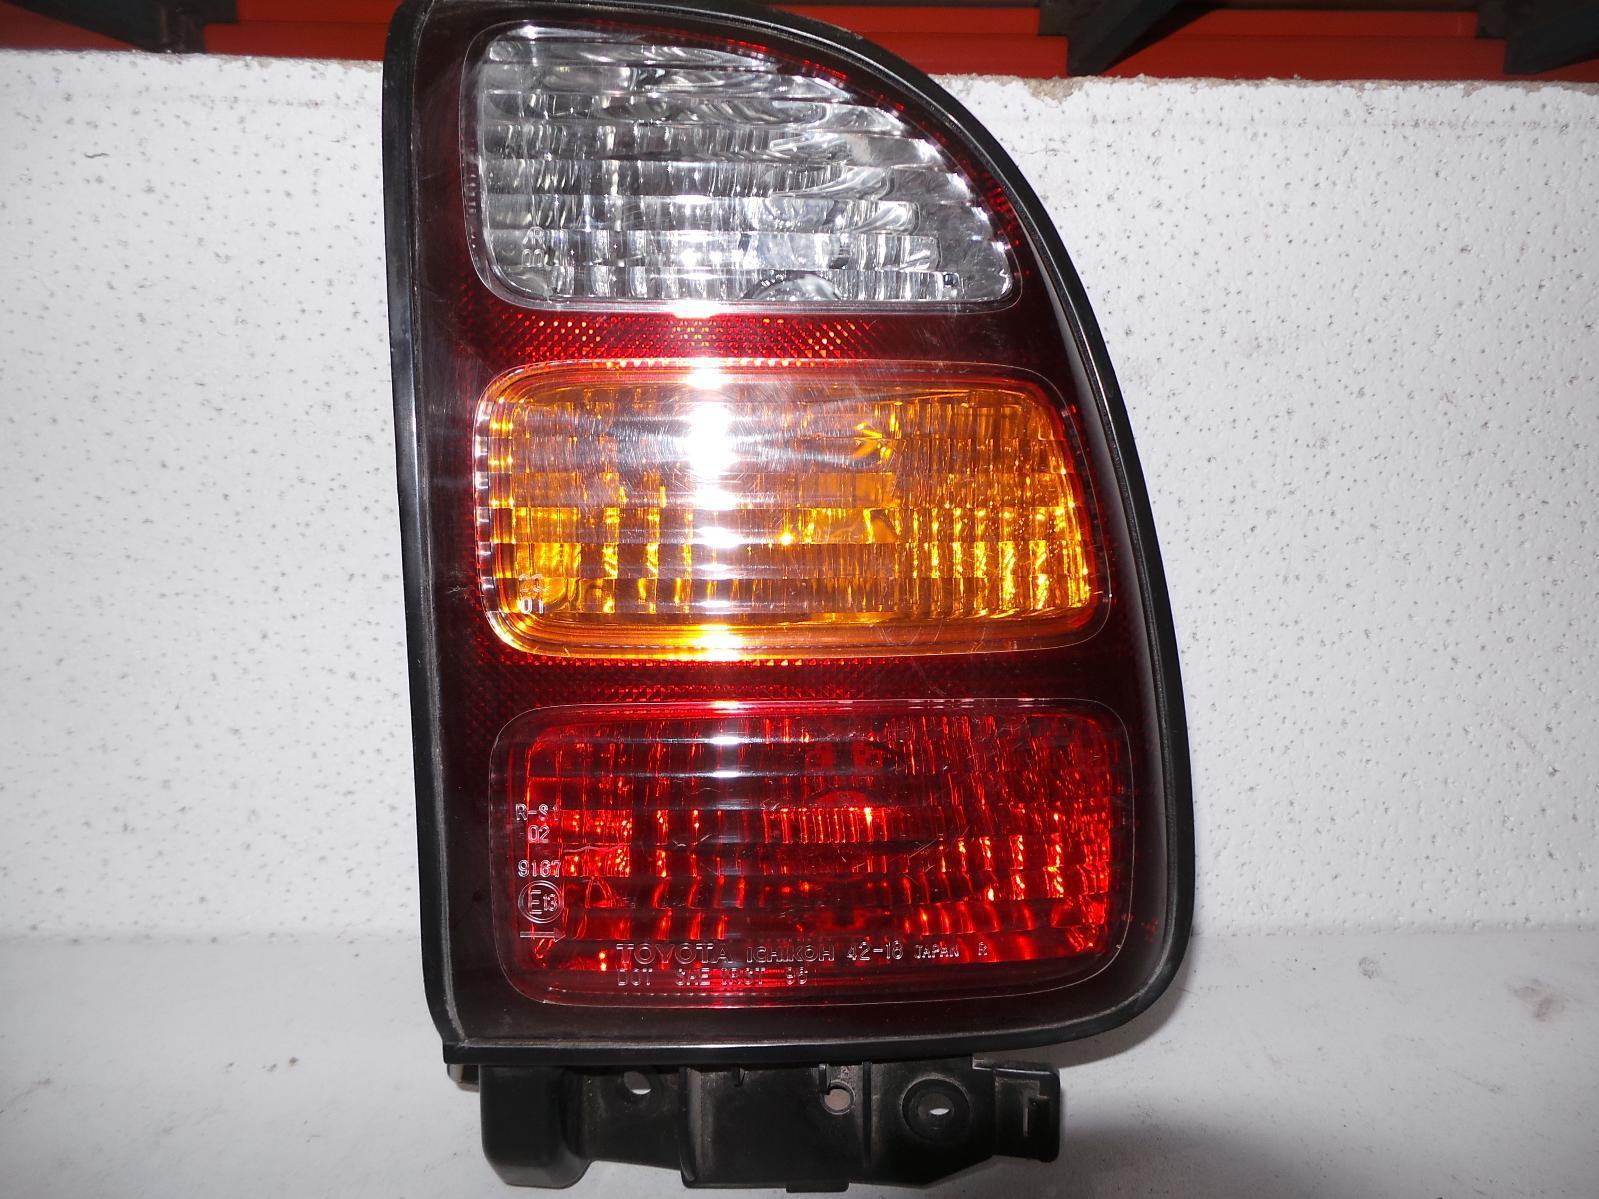 TOYOTA RAV4, Right Taillight, SXA1#R, LENS 42-18, 10/97-06/00